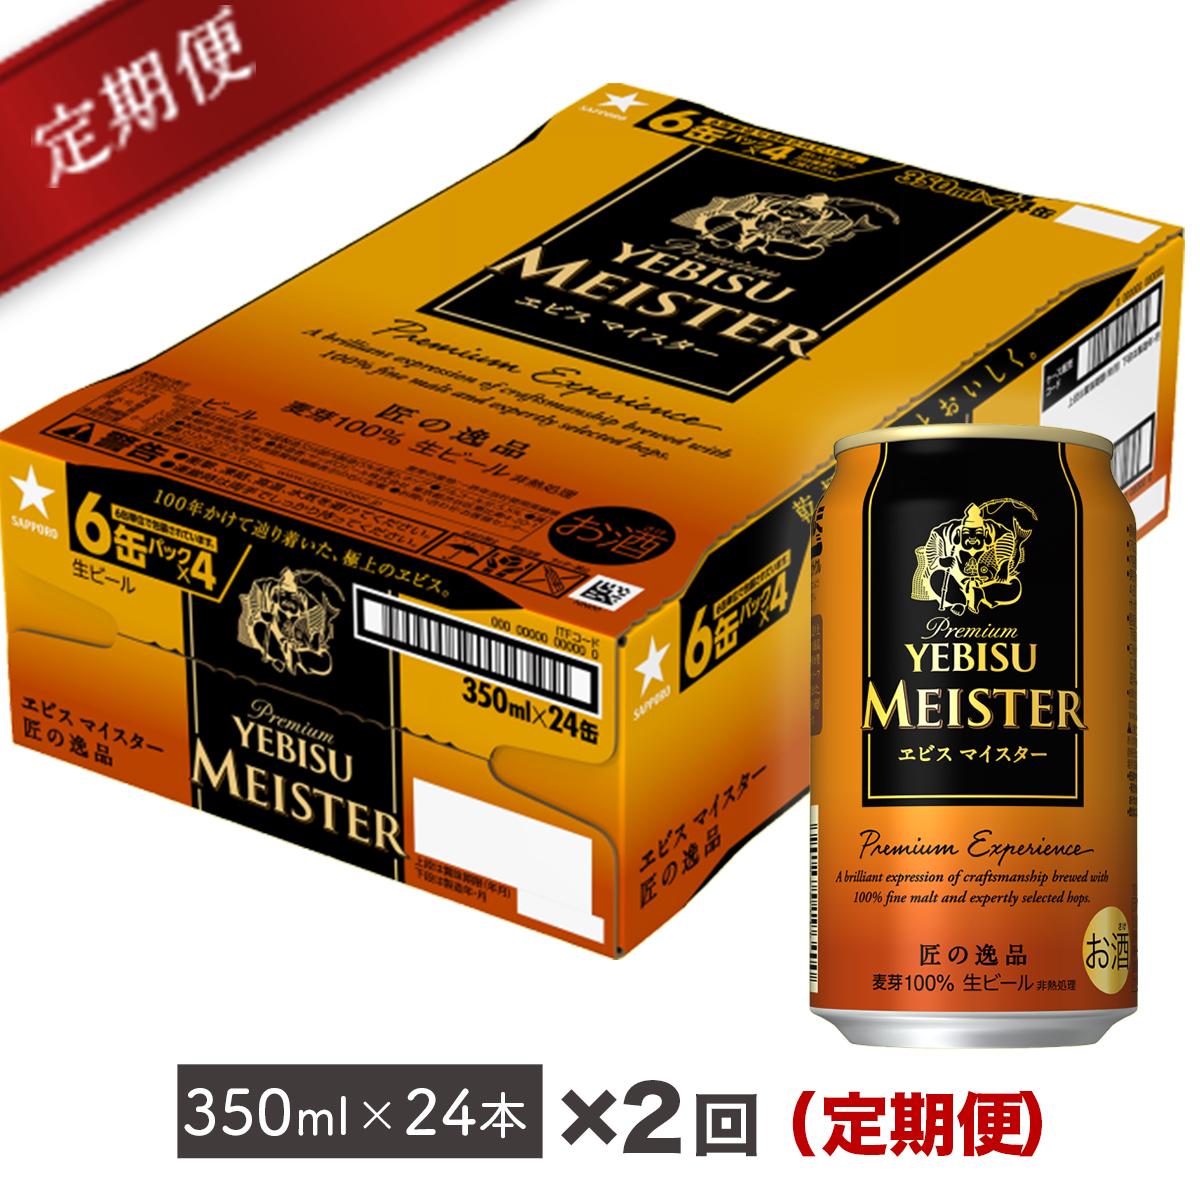 【ふるさと納税】ヱビス マイスタービール 匠の逸品 缶350ml×24本(1ケース)を2回お届け